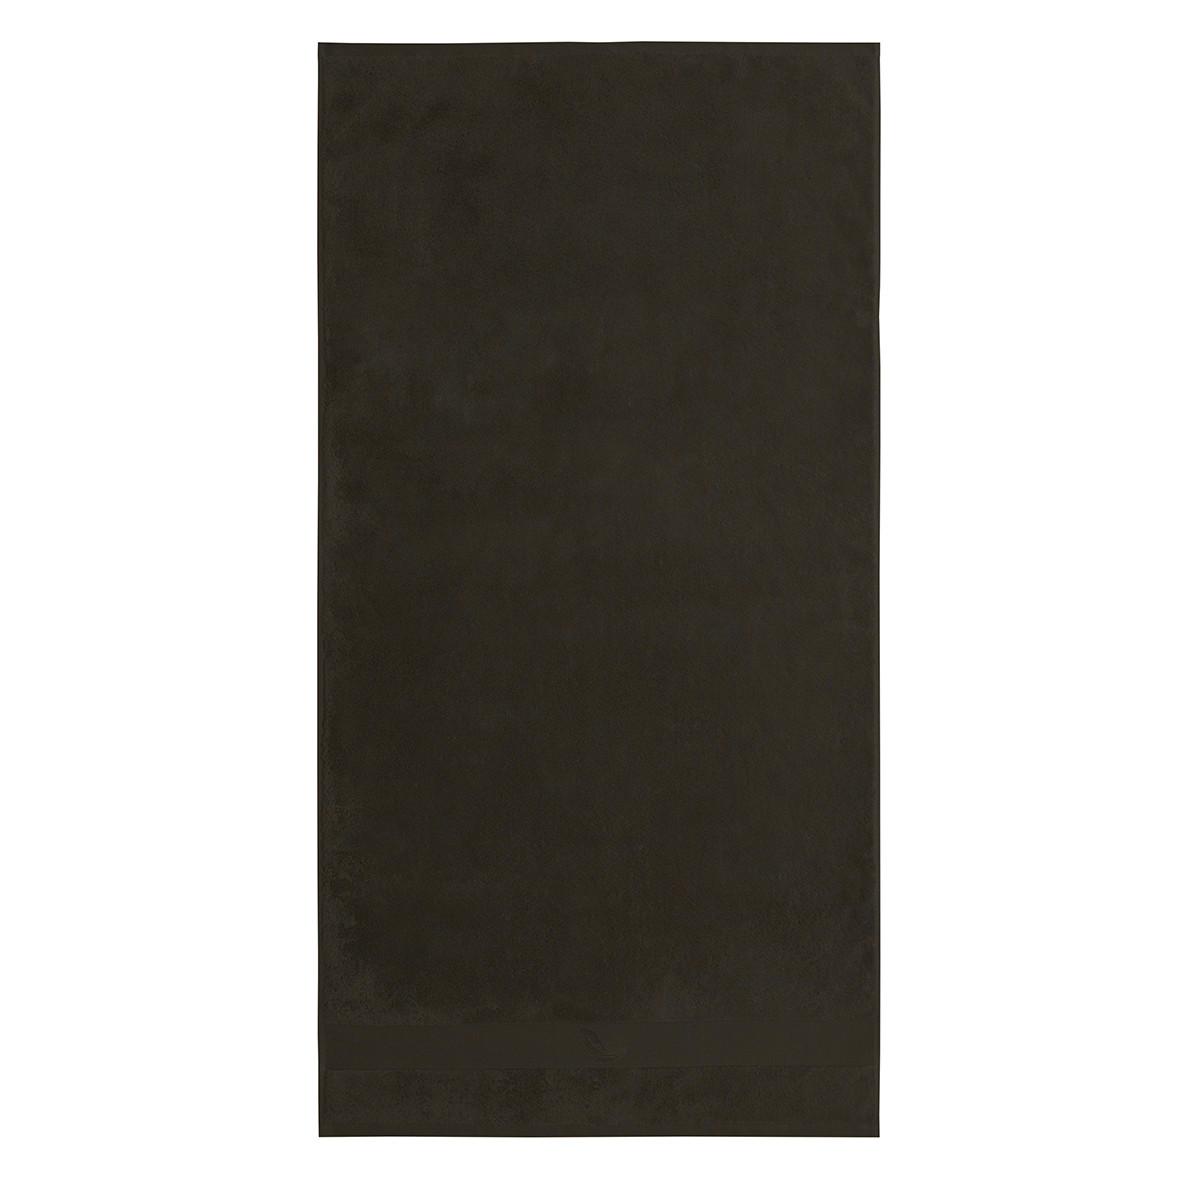 Drap de douche coton 70x140 cm tonka